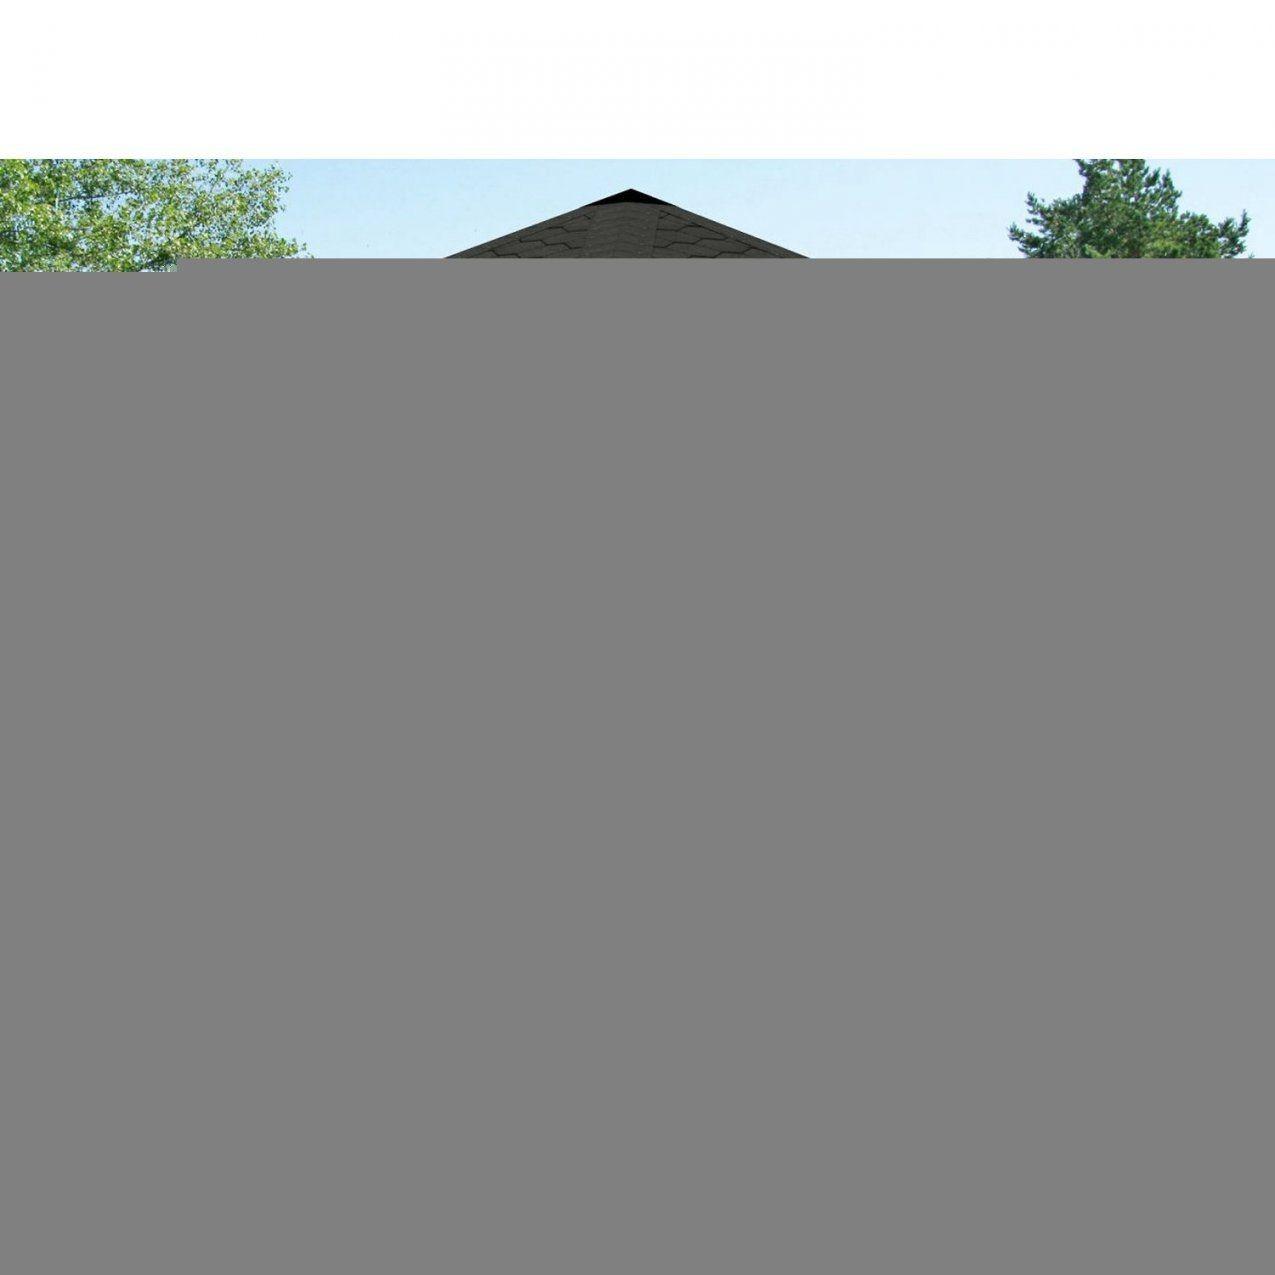 Gartenlauben & Holzpavillons Online Kaufen Bei Obi von Holz Pavillon 6 Eckig Bild